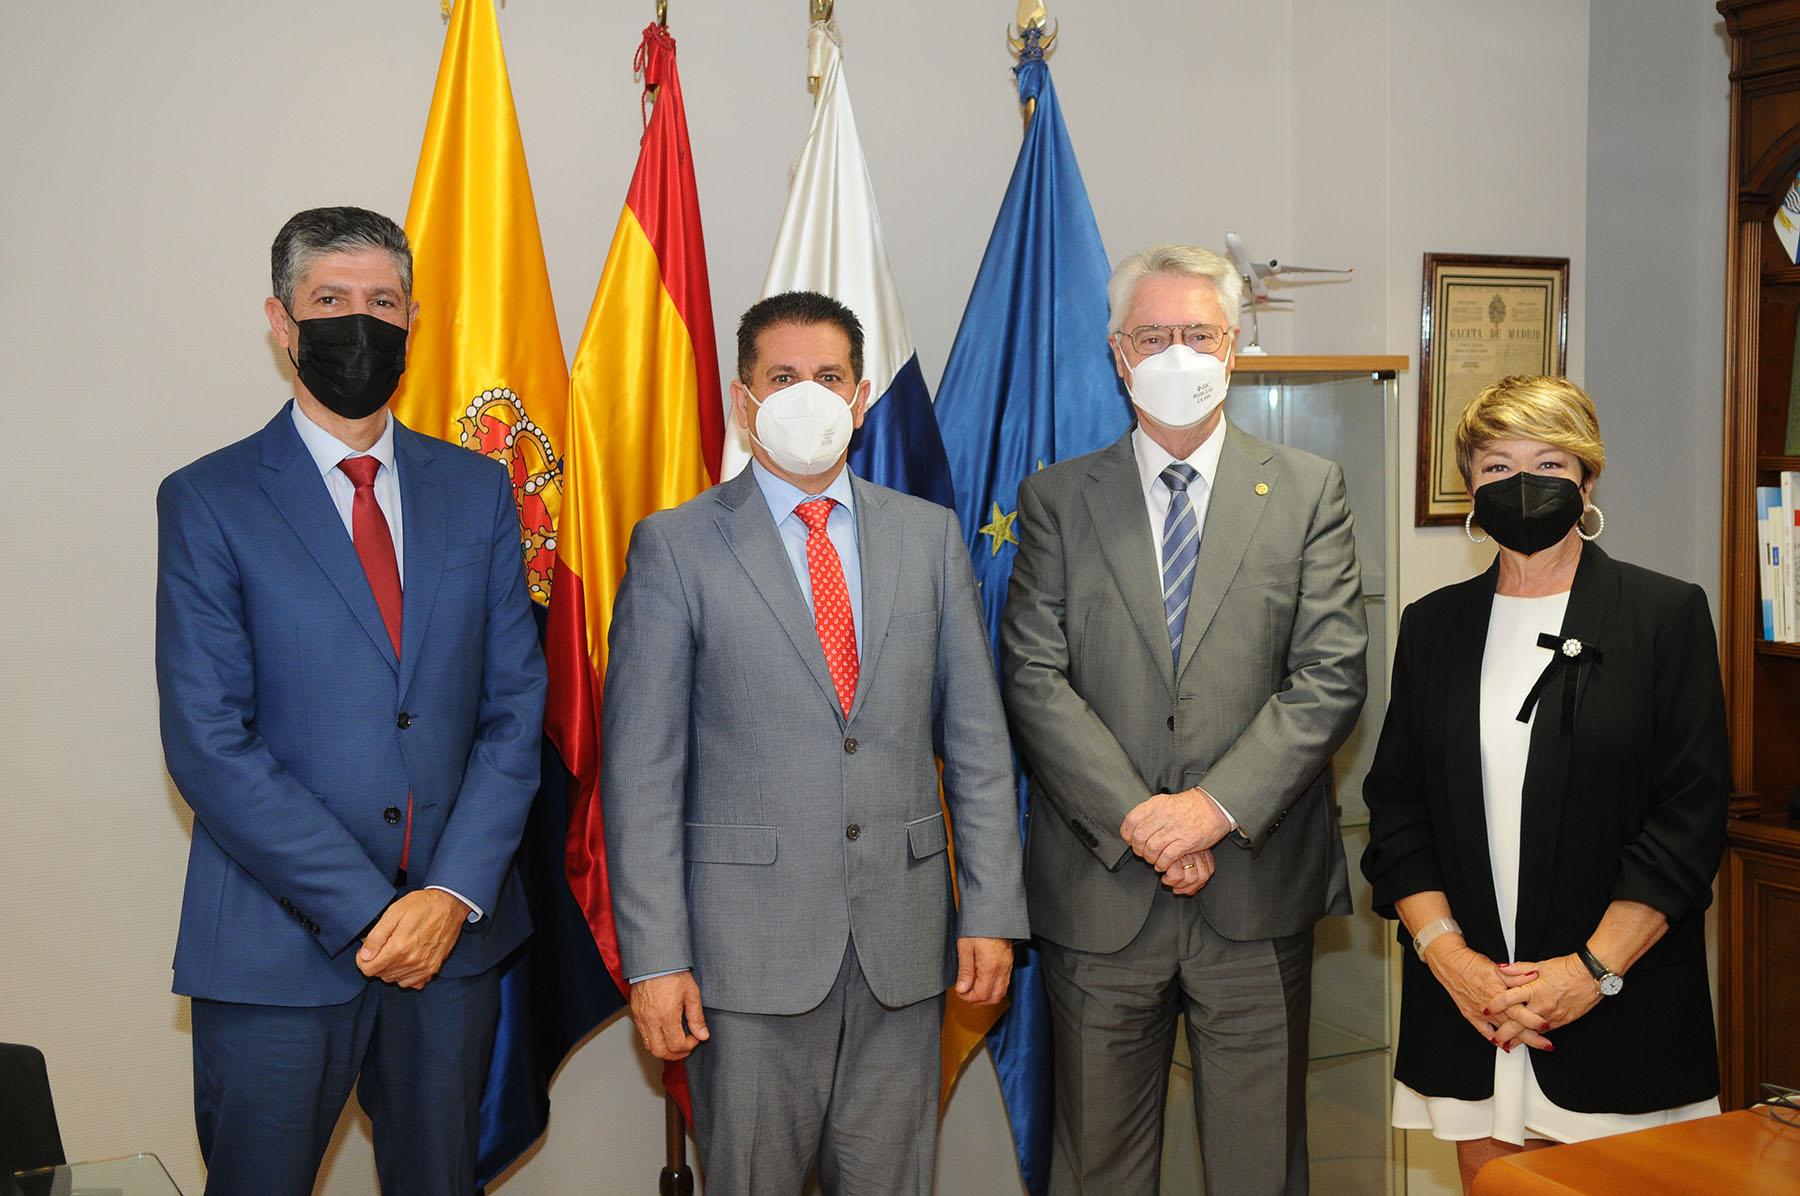 Visita del viceconsejero de Acción Exterior, Juan Rafael Zamora, a la Cámara de Comercio